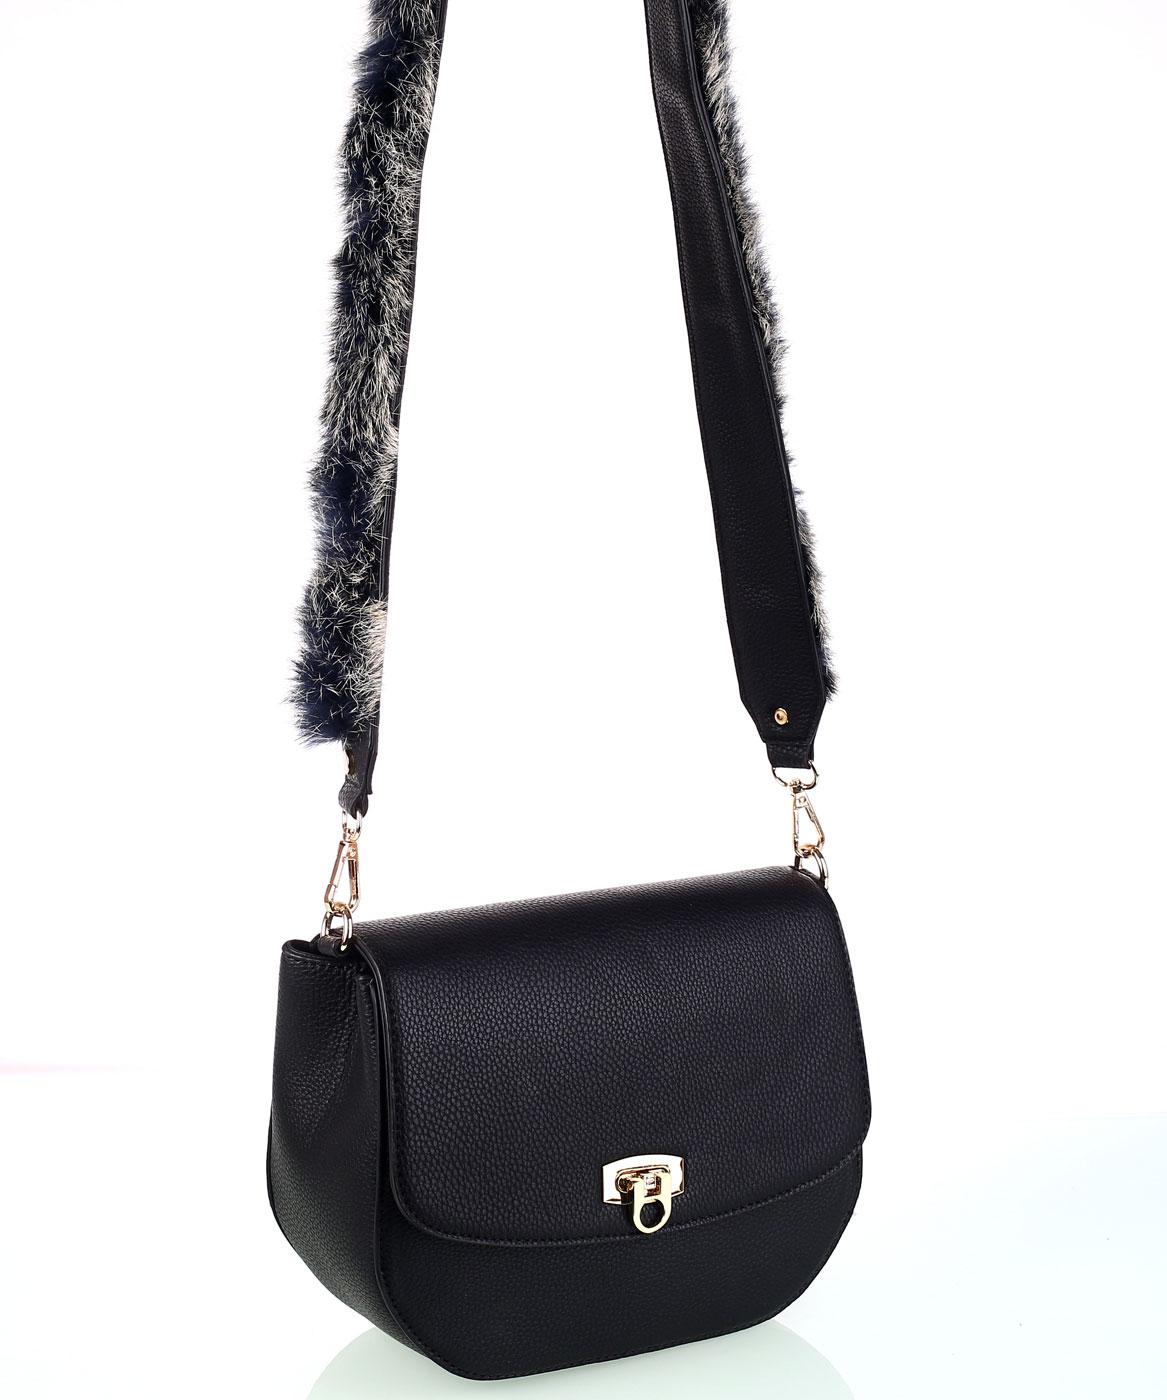 4f2f68cbf8 Dámska kabelka cez rameno z eko kože so zdobeným popruhom čierna